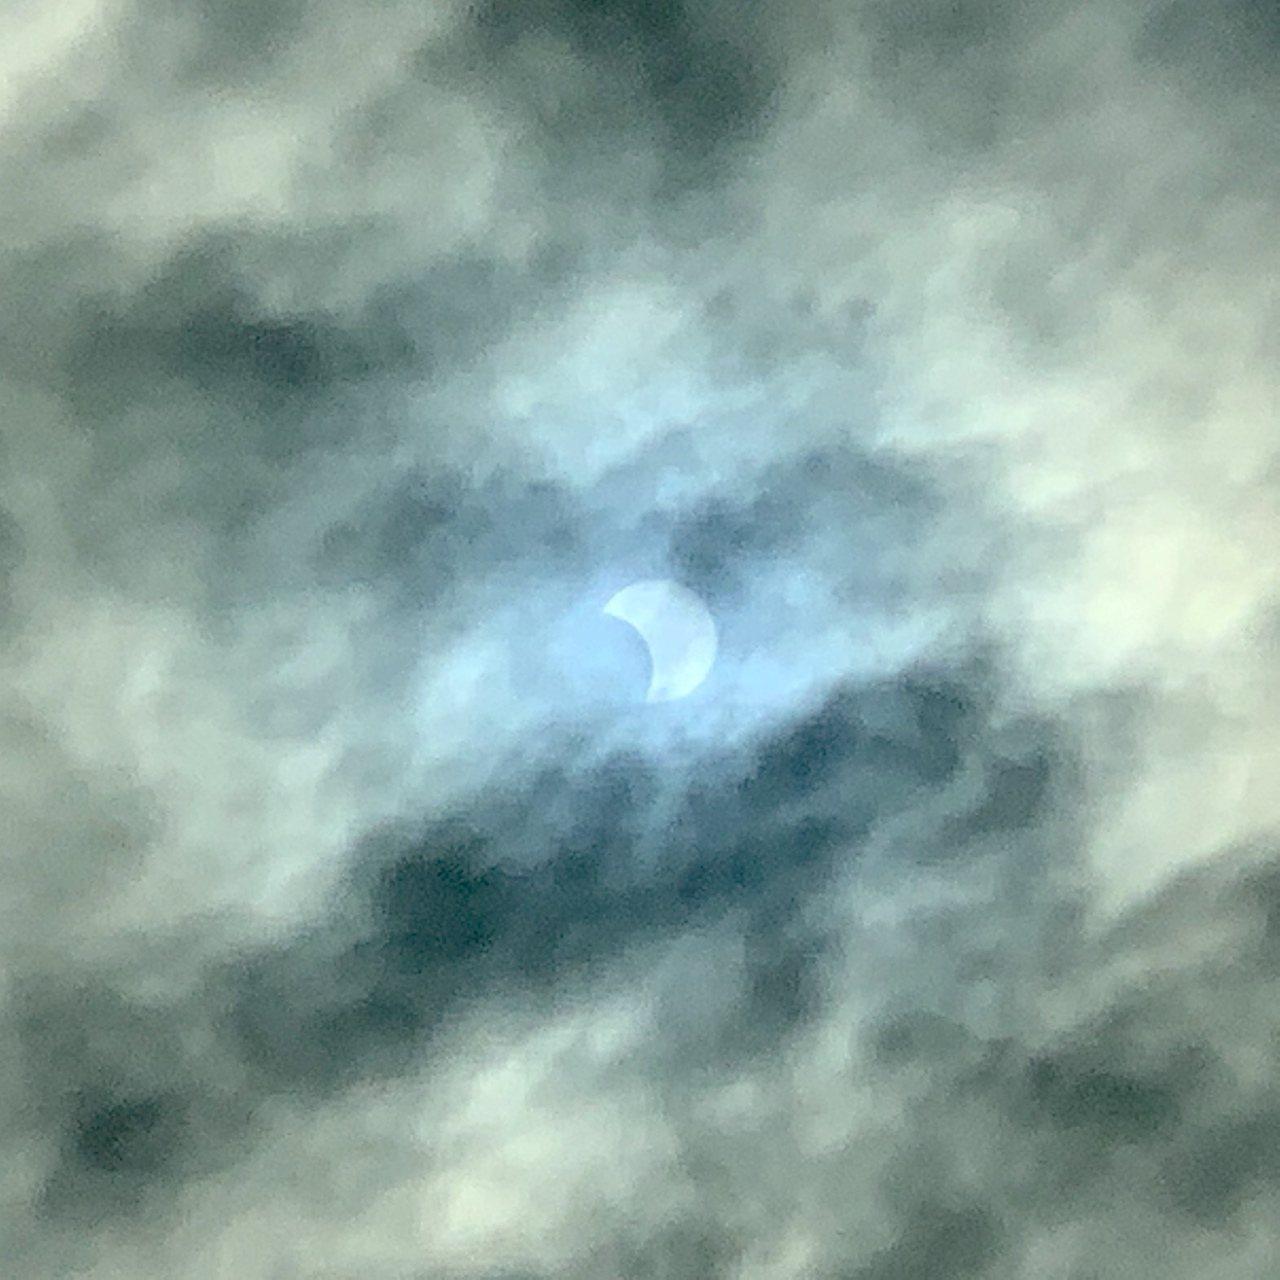 今天台中天氣晴朗,市區各地都能看到清楚日偏食影像。記者喻文玟/攝影